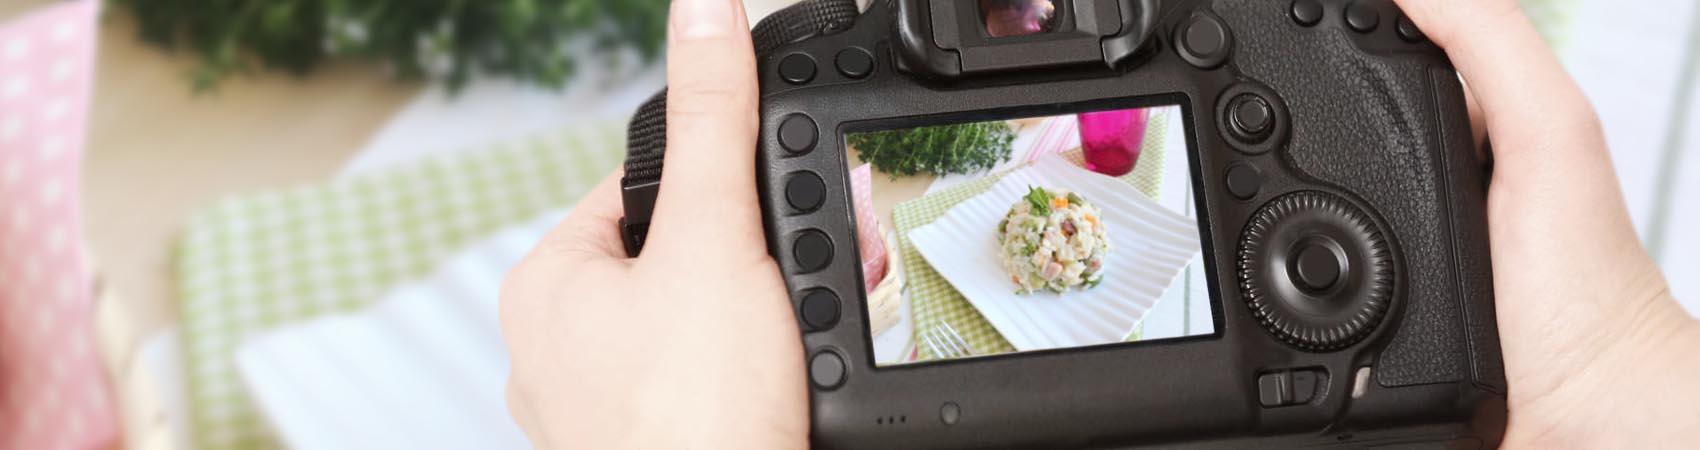 Come fotografare il cibo